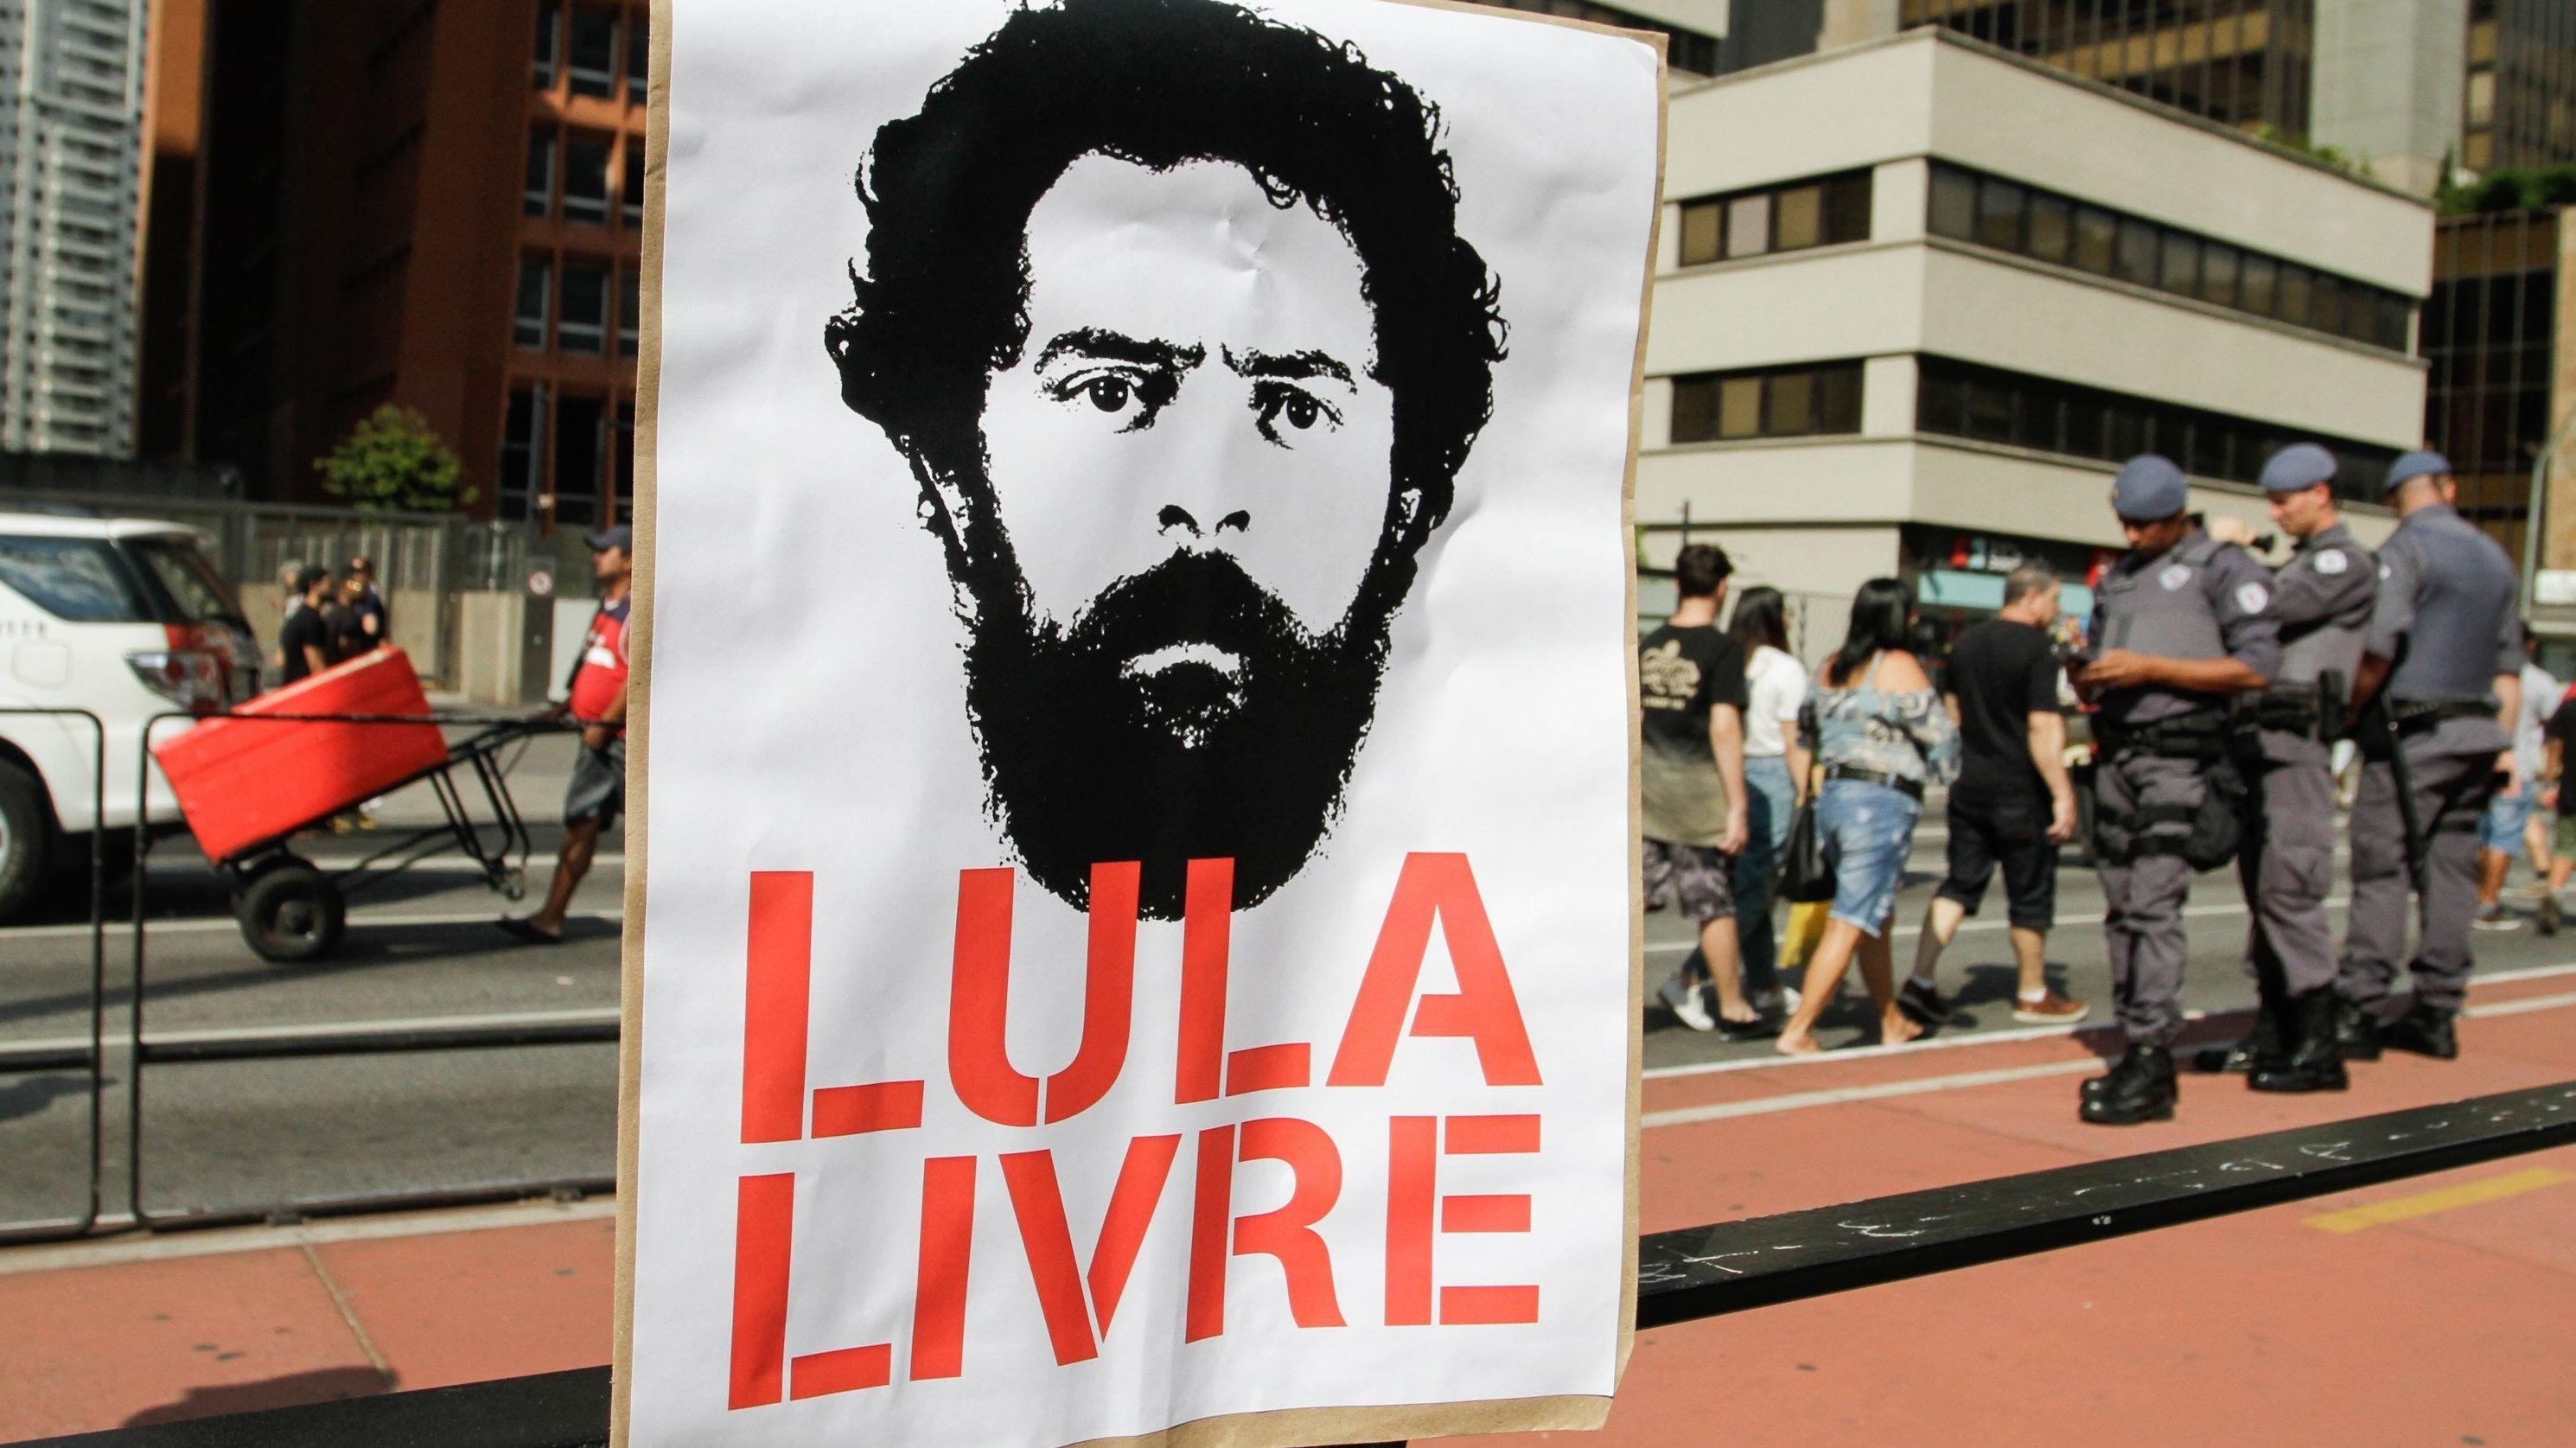 Ein Protest-Banner, auf dem die Freilassung des ehemaligen brasilianischen Präsidenten gefordert wird.